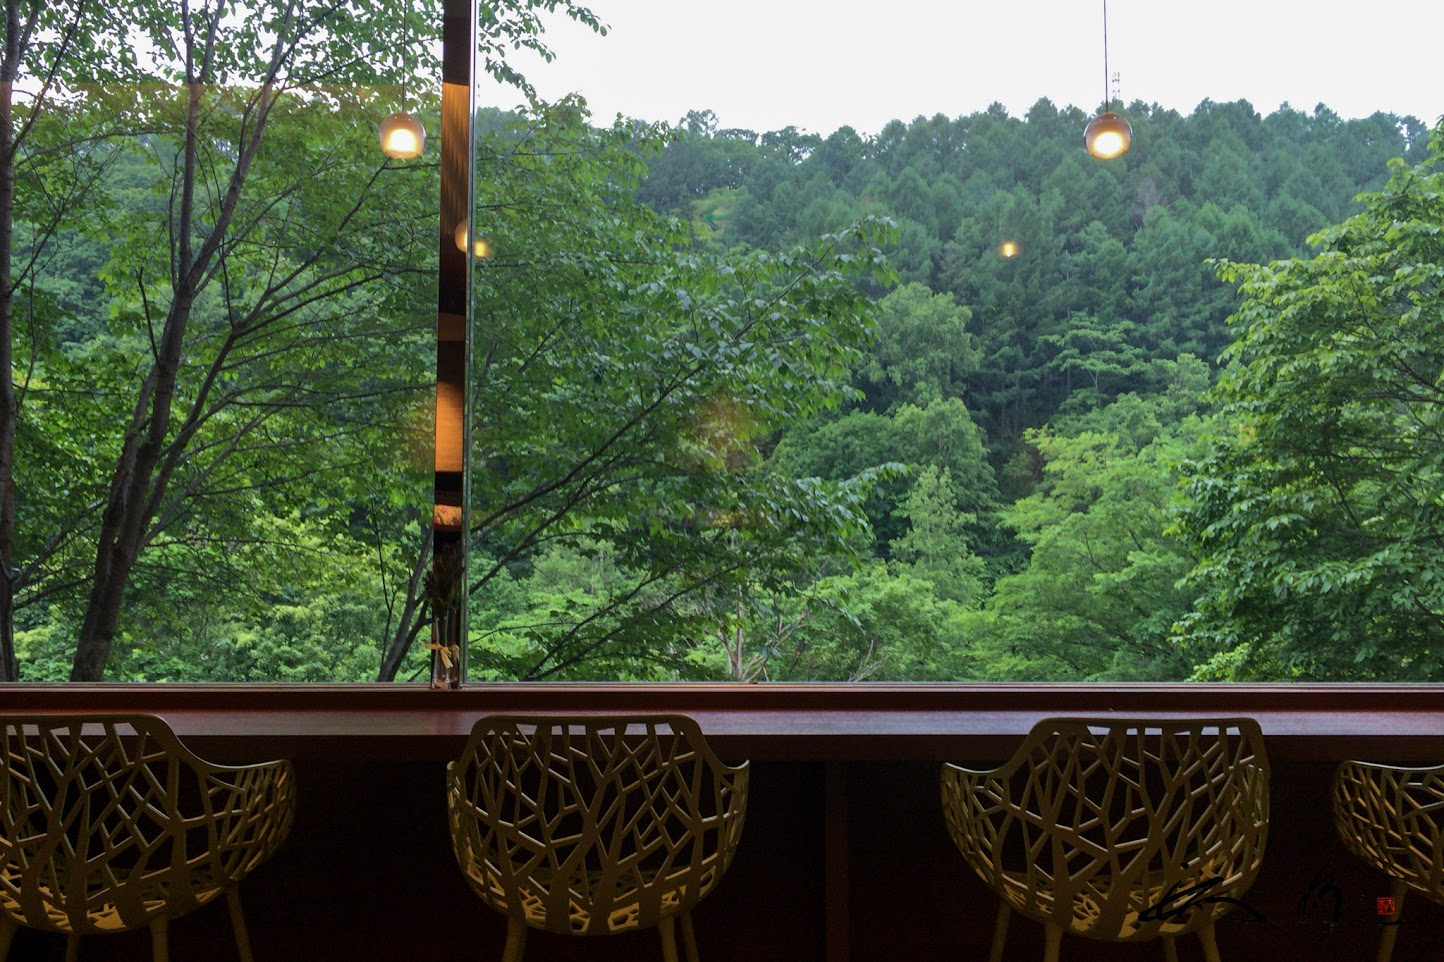 窓から望む緑の風景